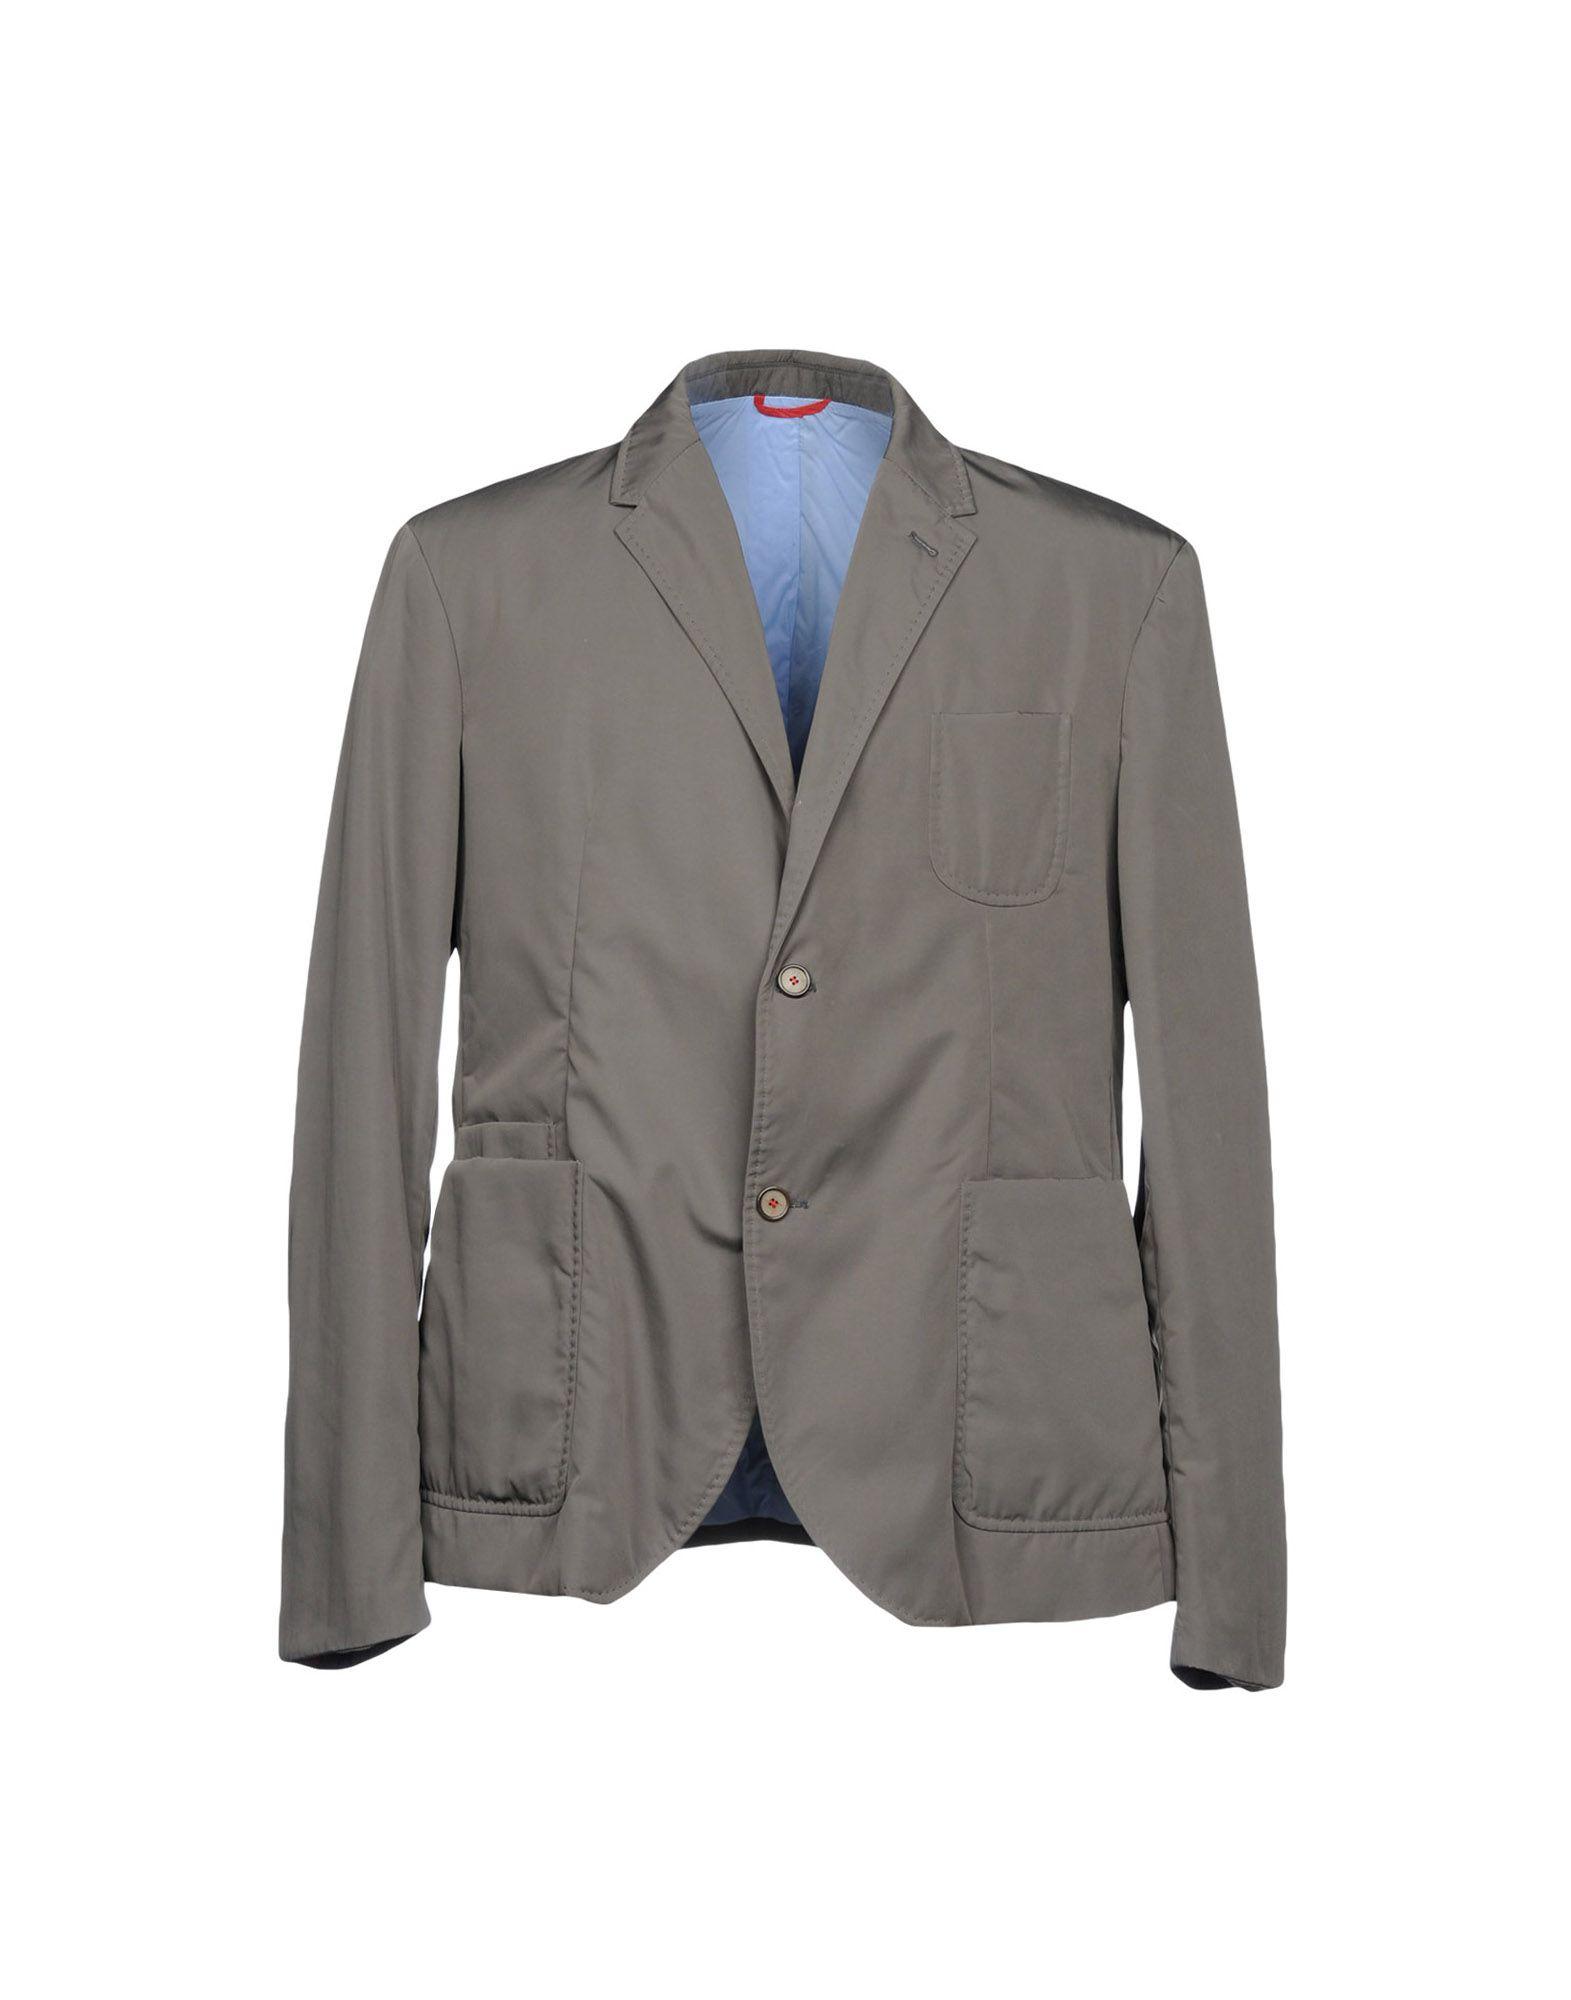 《送料無料》SOME WEAR ELSE メンズ テーラードジャケット グレー 56 ポリエステル 100%